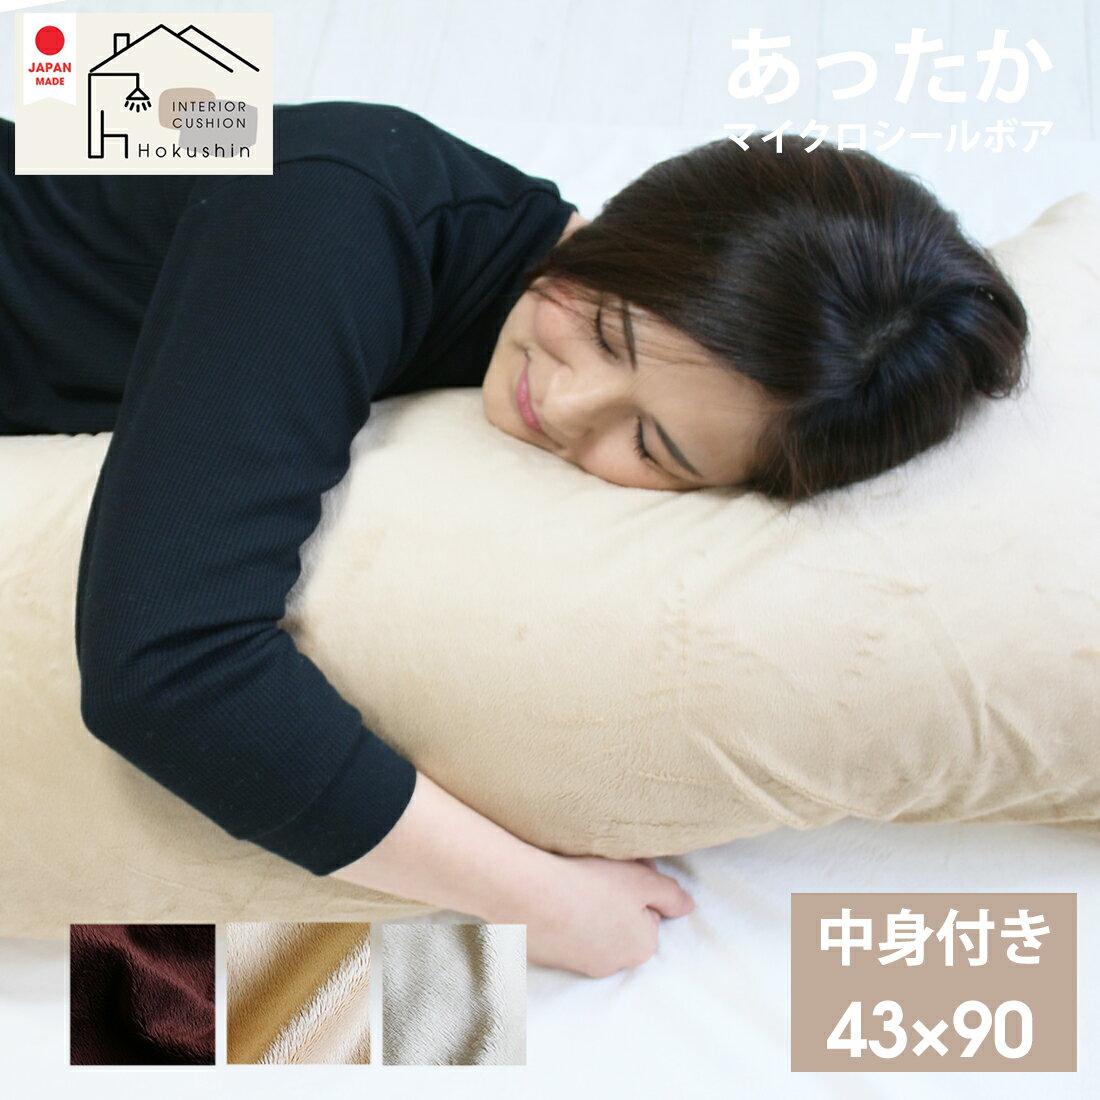 抱き枕 マイクロシールボア カバー付き 抱き枕 カバー43×90 いびき防止に 送料無料 佐川またはヤマト便 ギフト